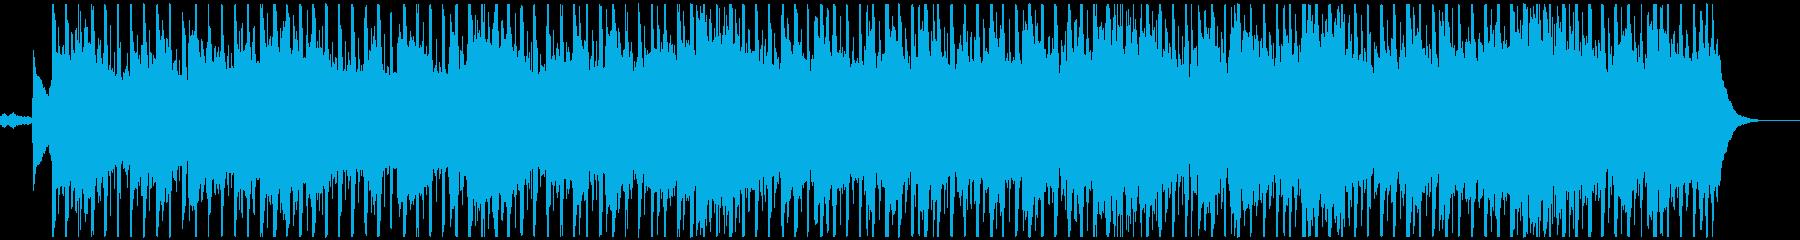 切なく甘いゆったりめの4つ打ちR&Bの再生済みの波形